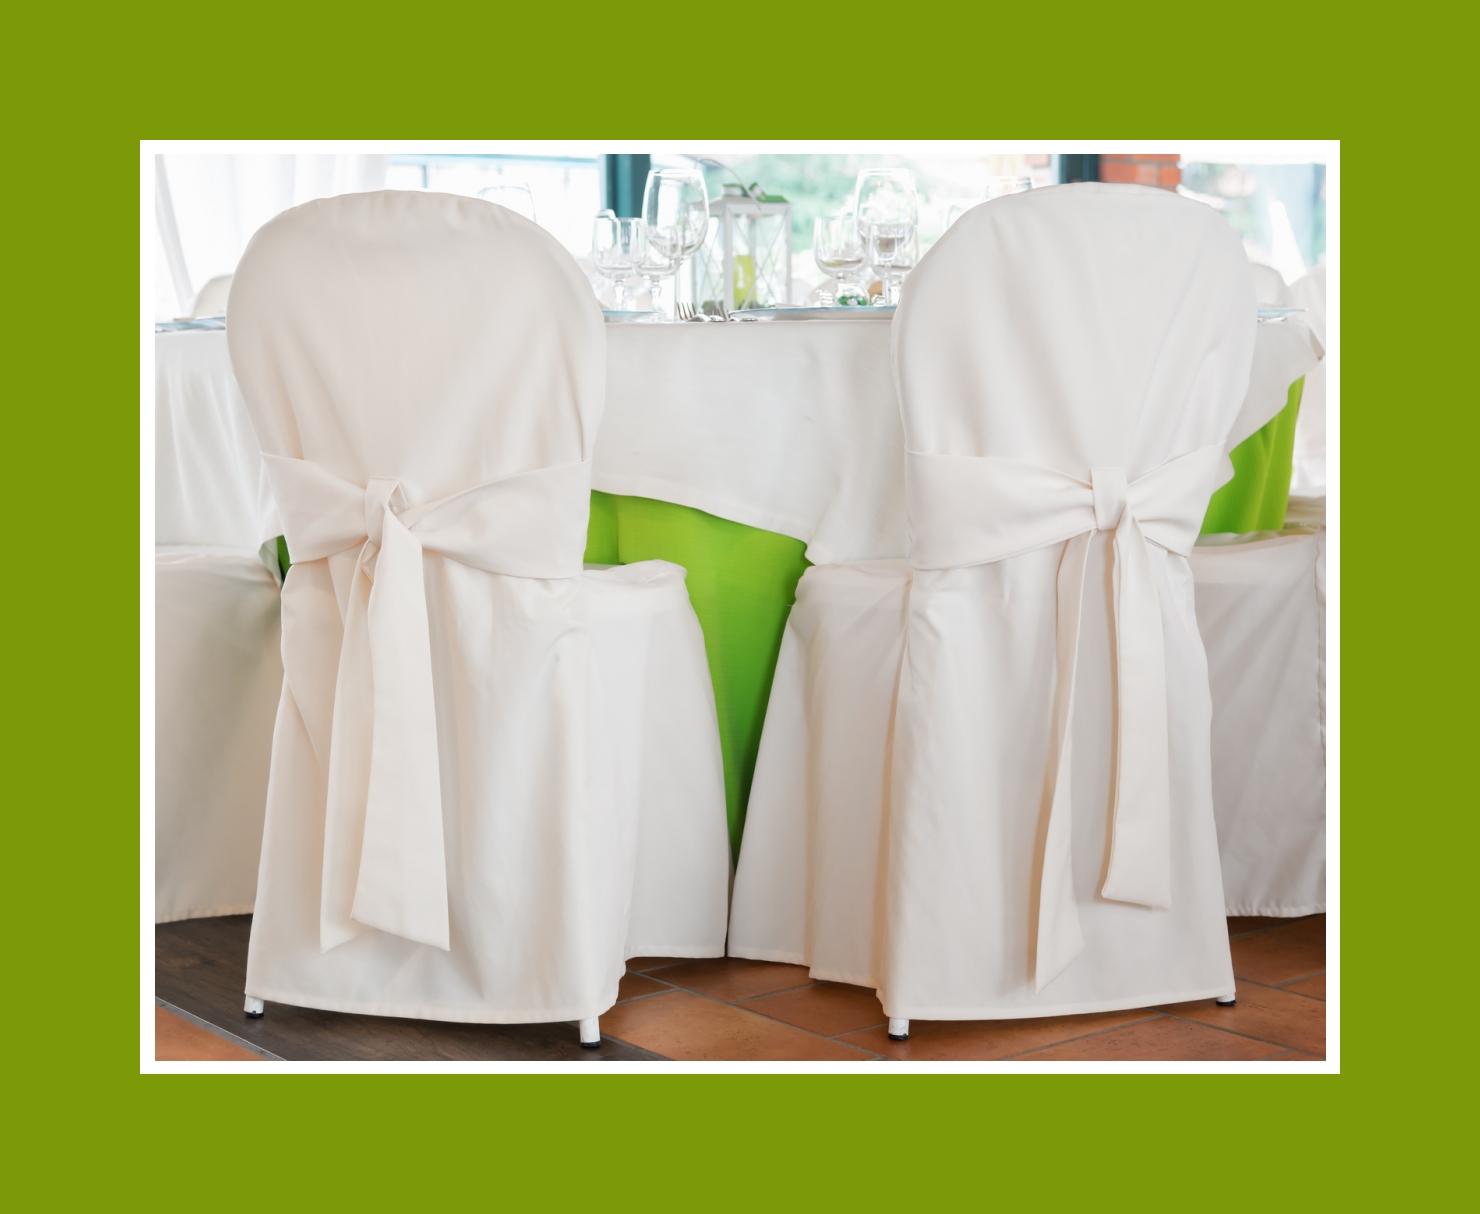 Weiße Stuhlhussen